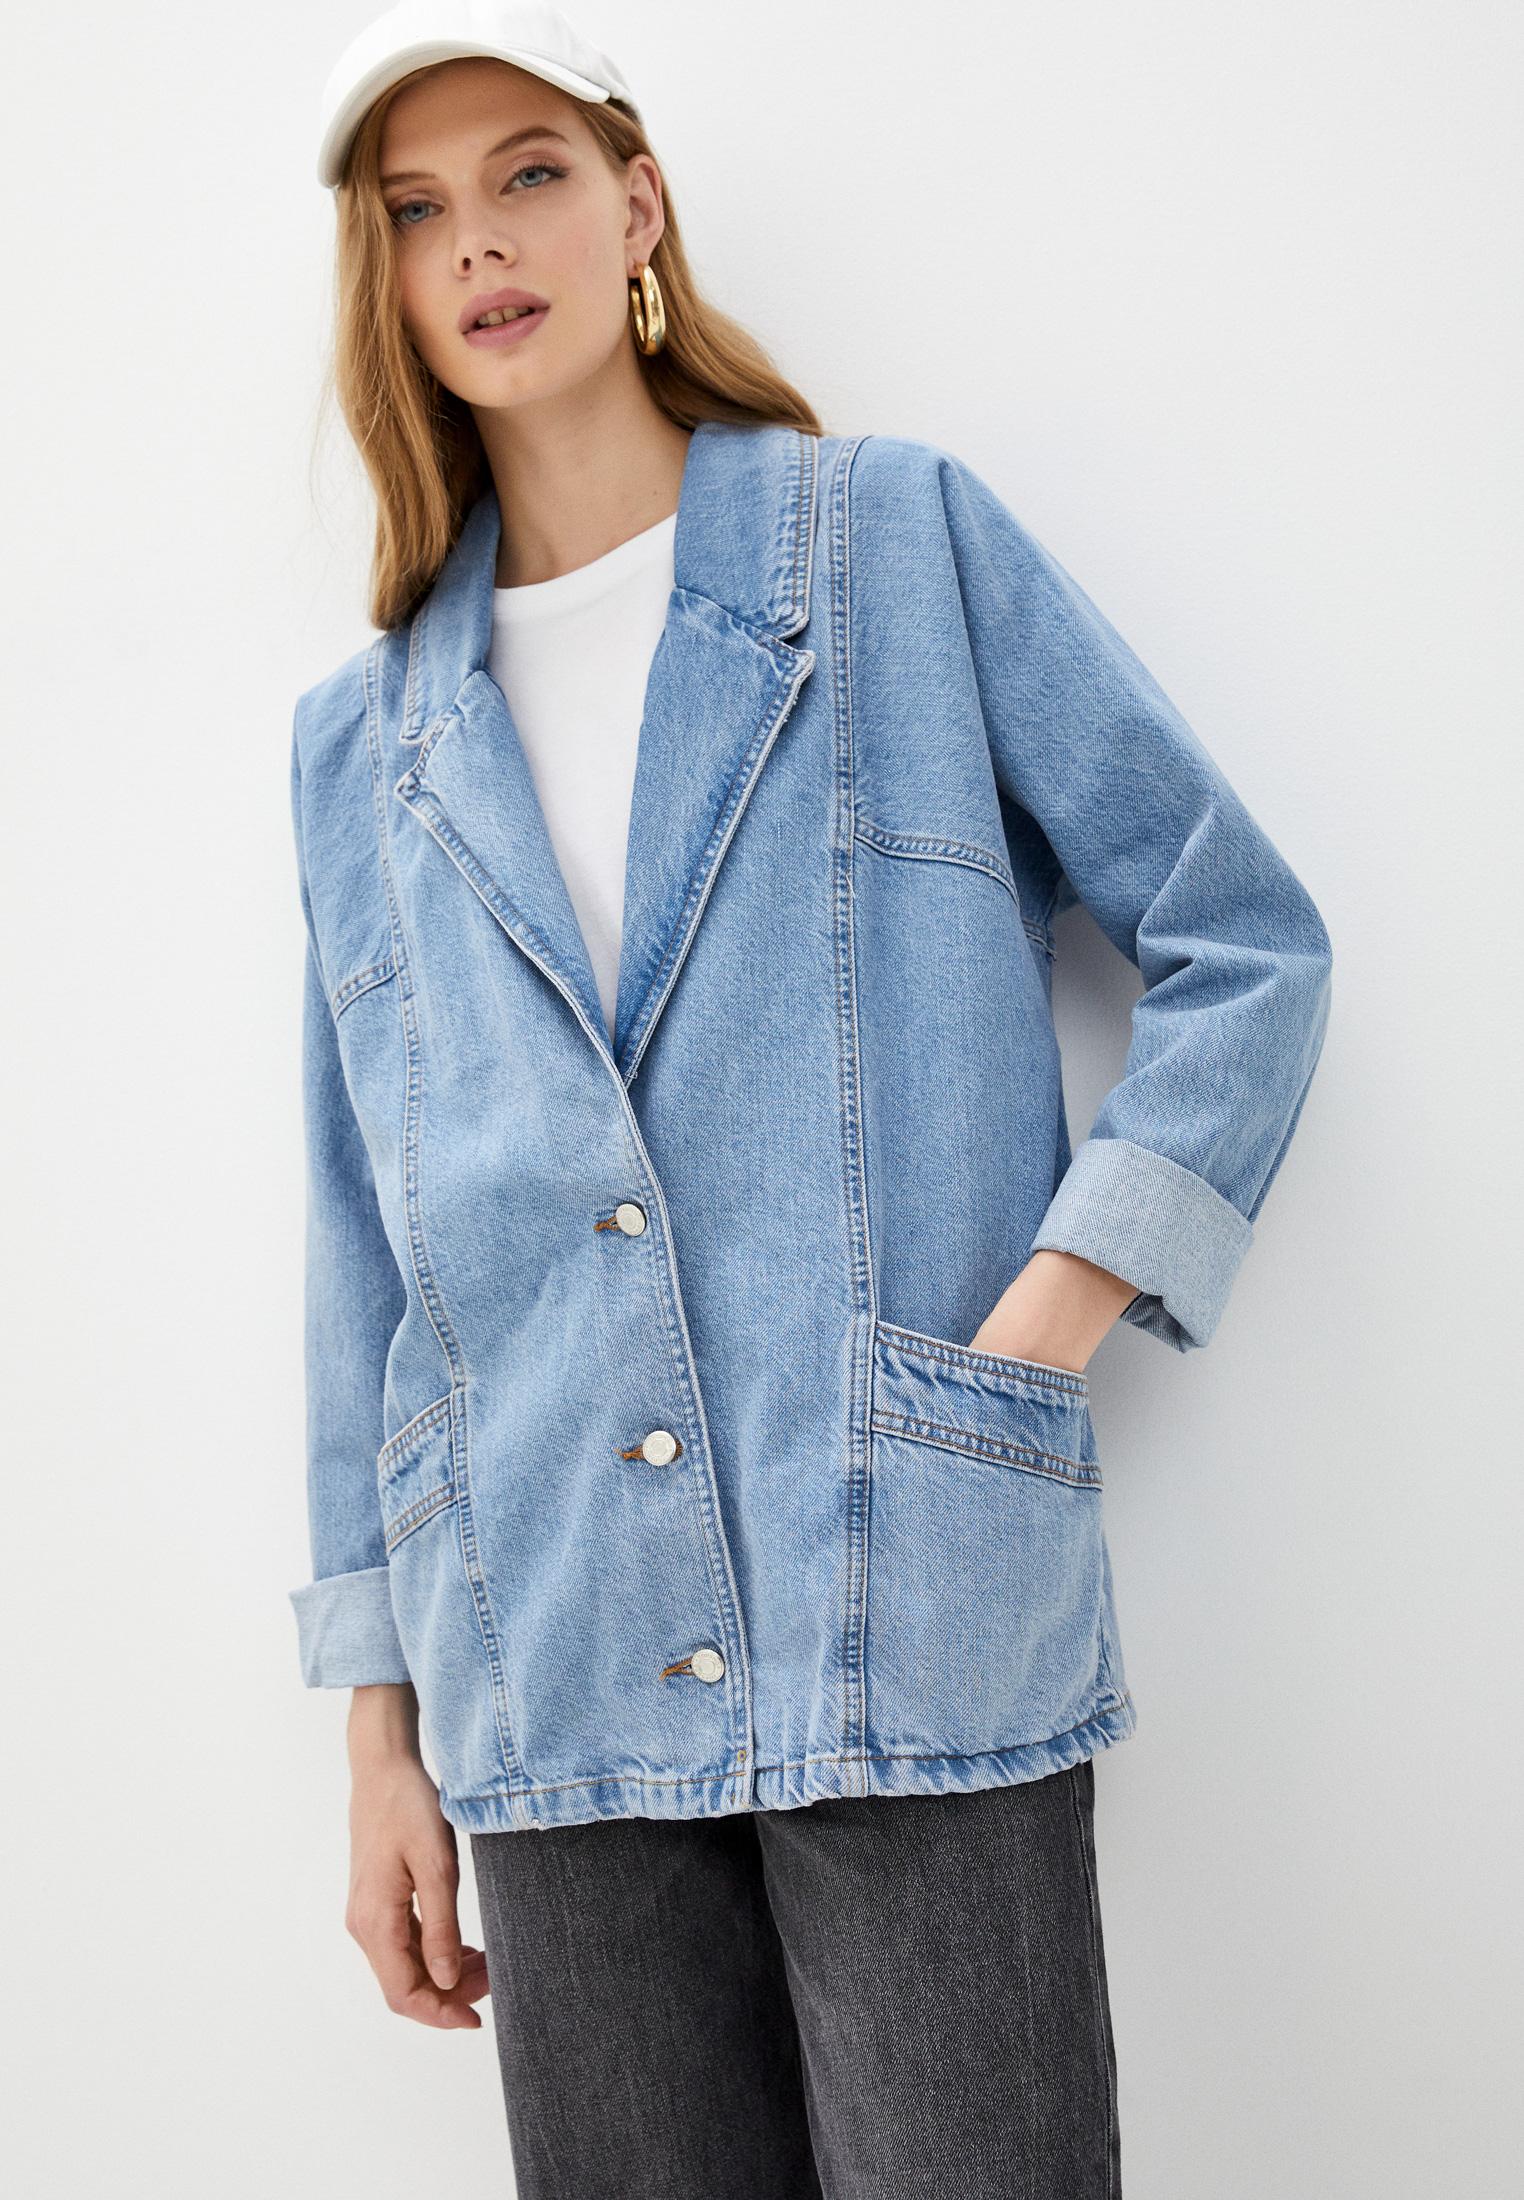 Джинсовая куртка Topshop (Топ Шоп) Куртка джинсовая Topshop